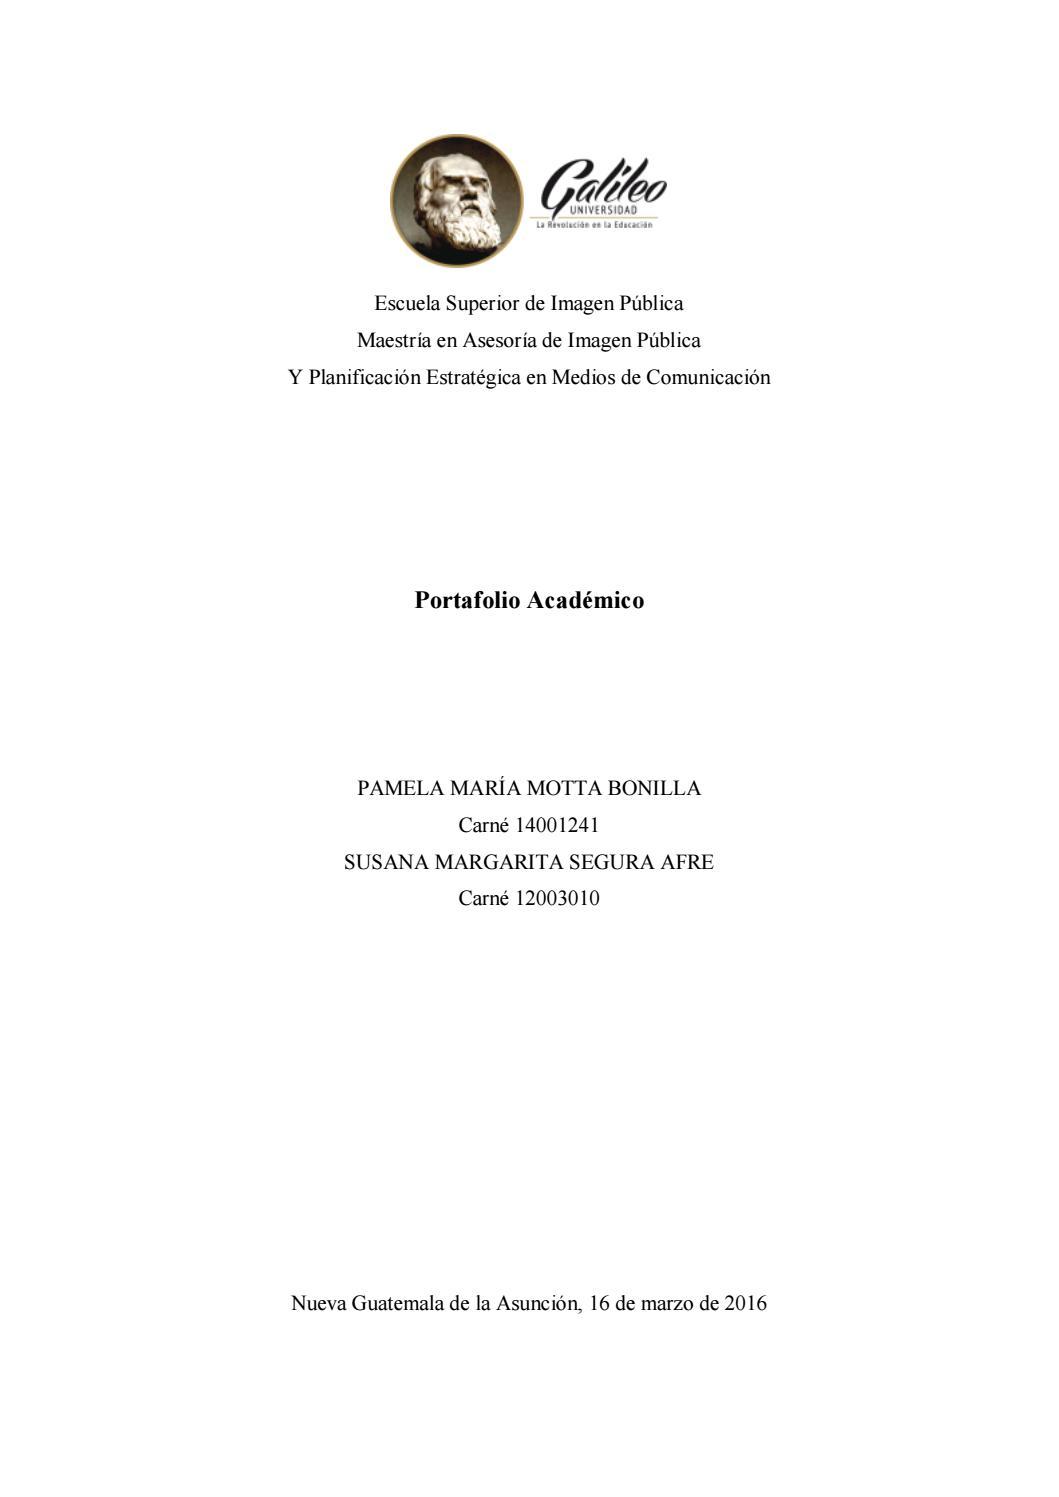 Proyectos de Imagen Pública de Maestría by Universidad Galileo - issuu